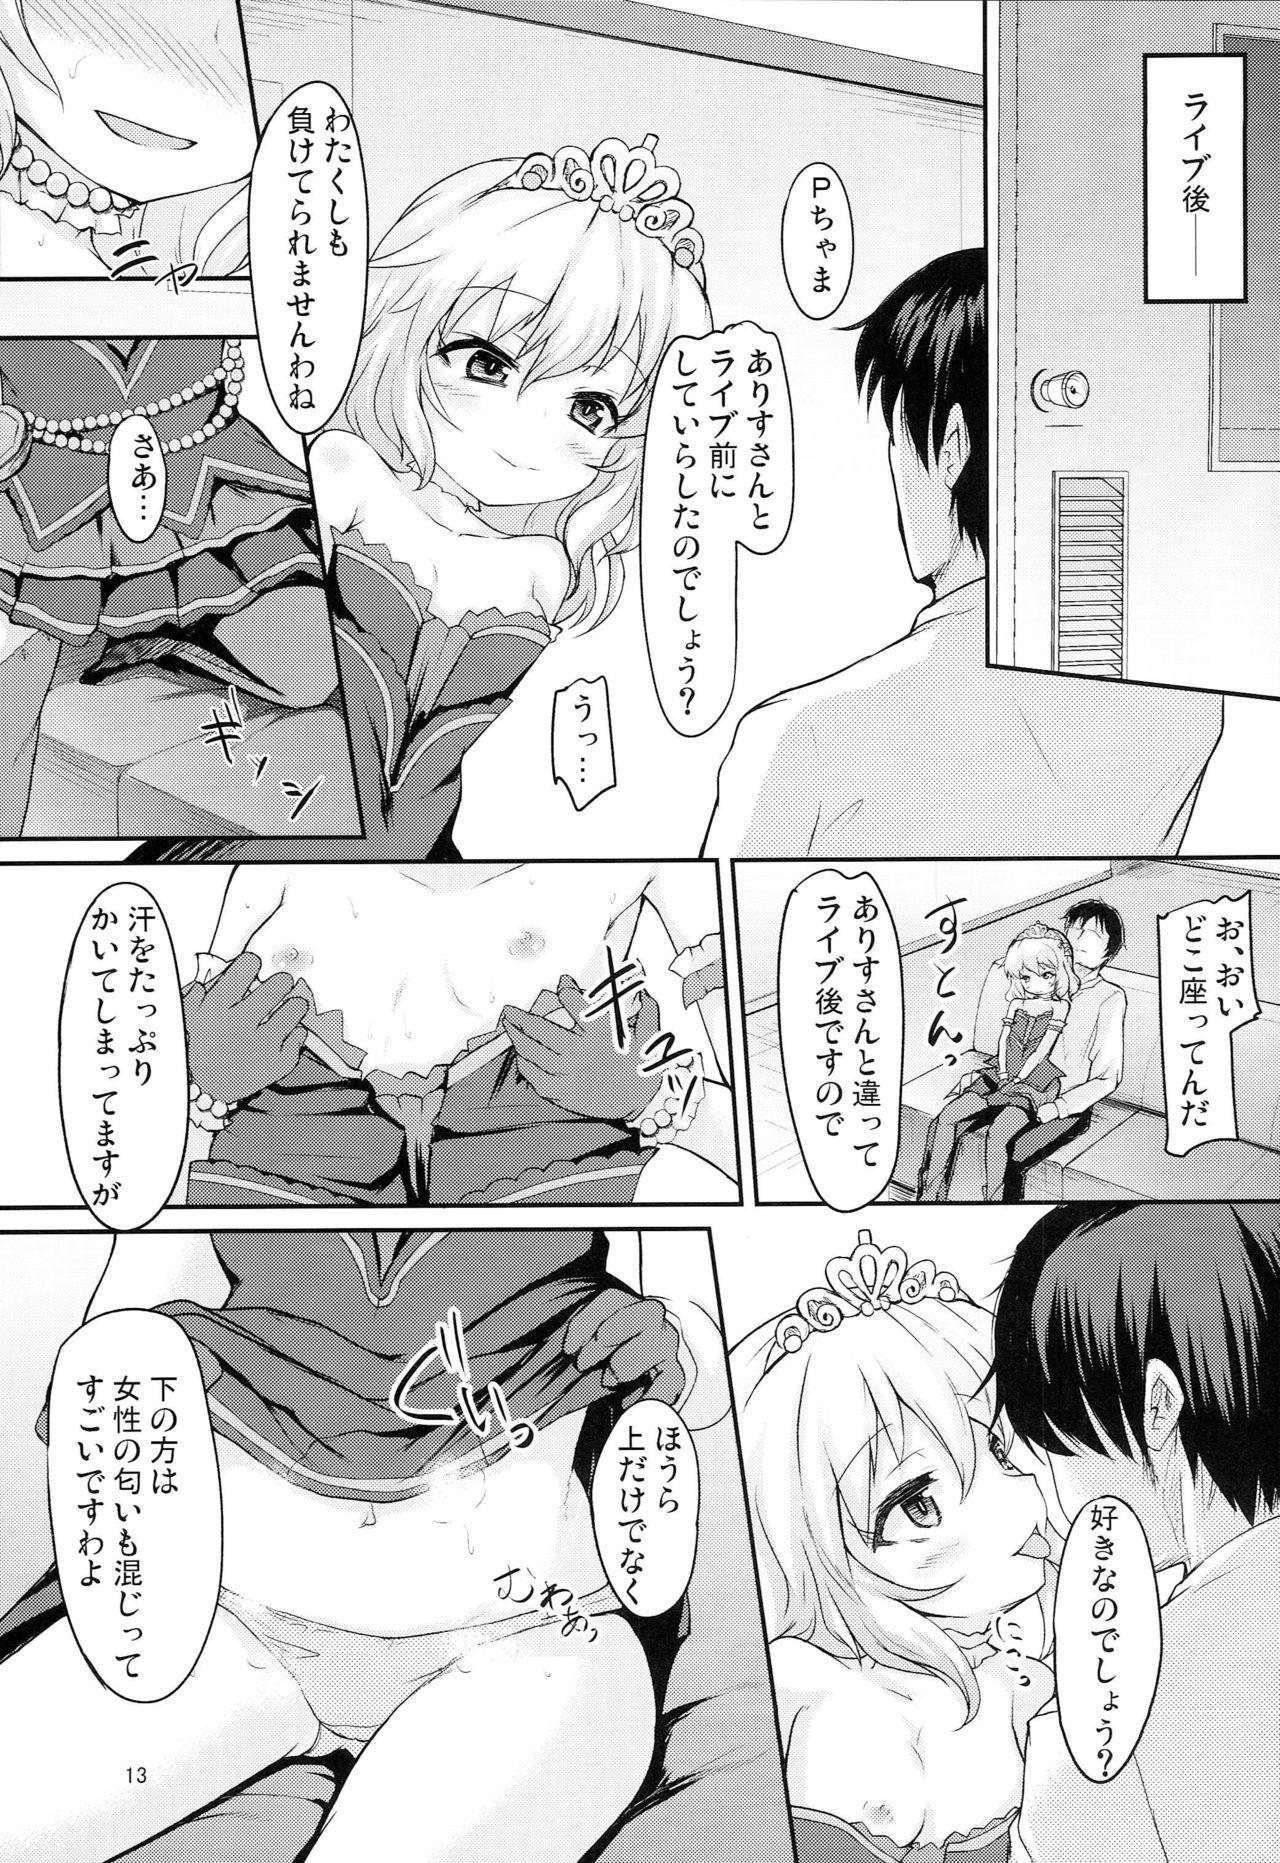 Arisu to Momoka no Oaji wa Ikaga 11